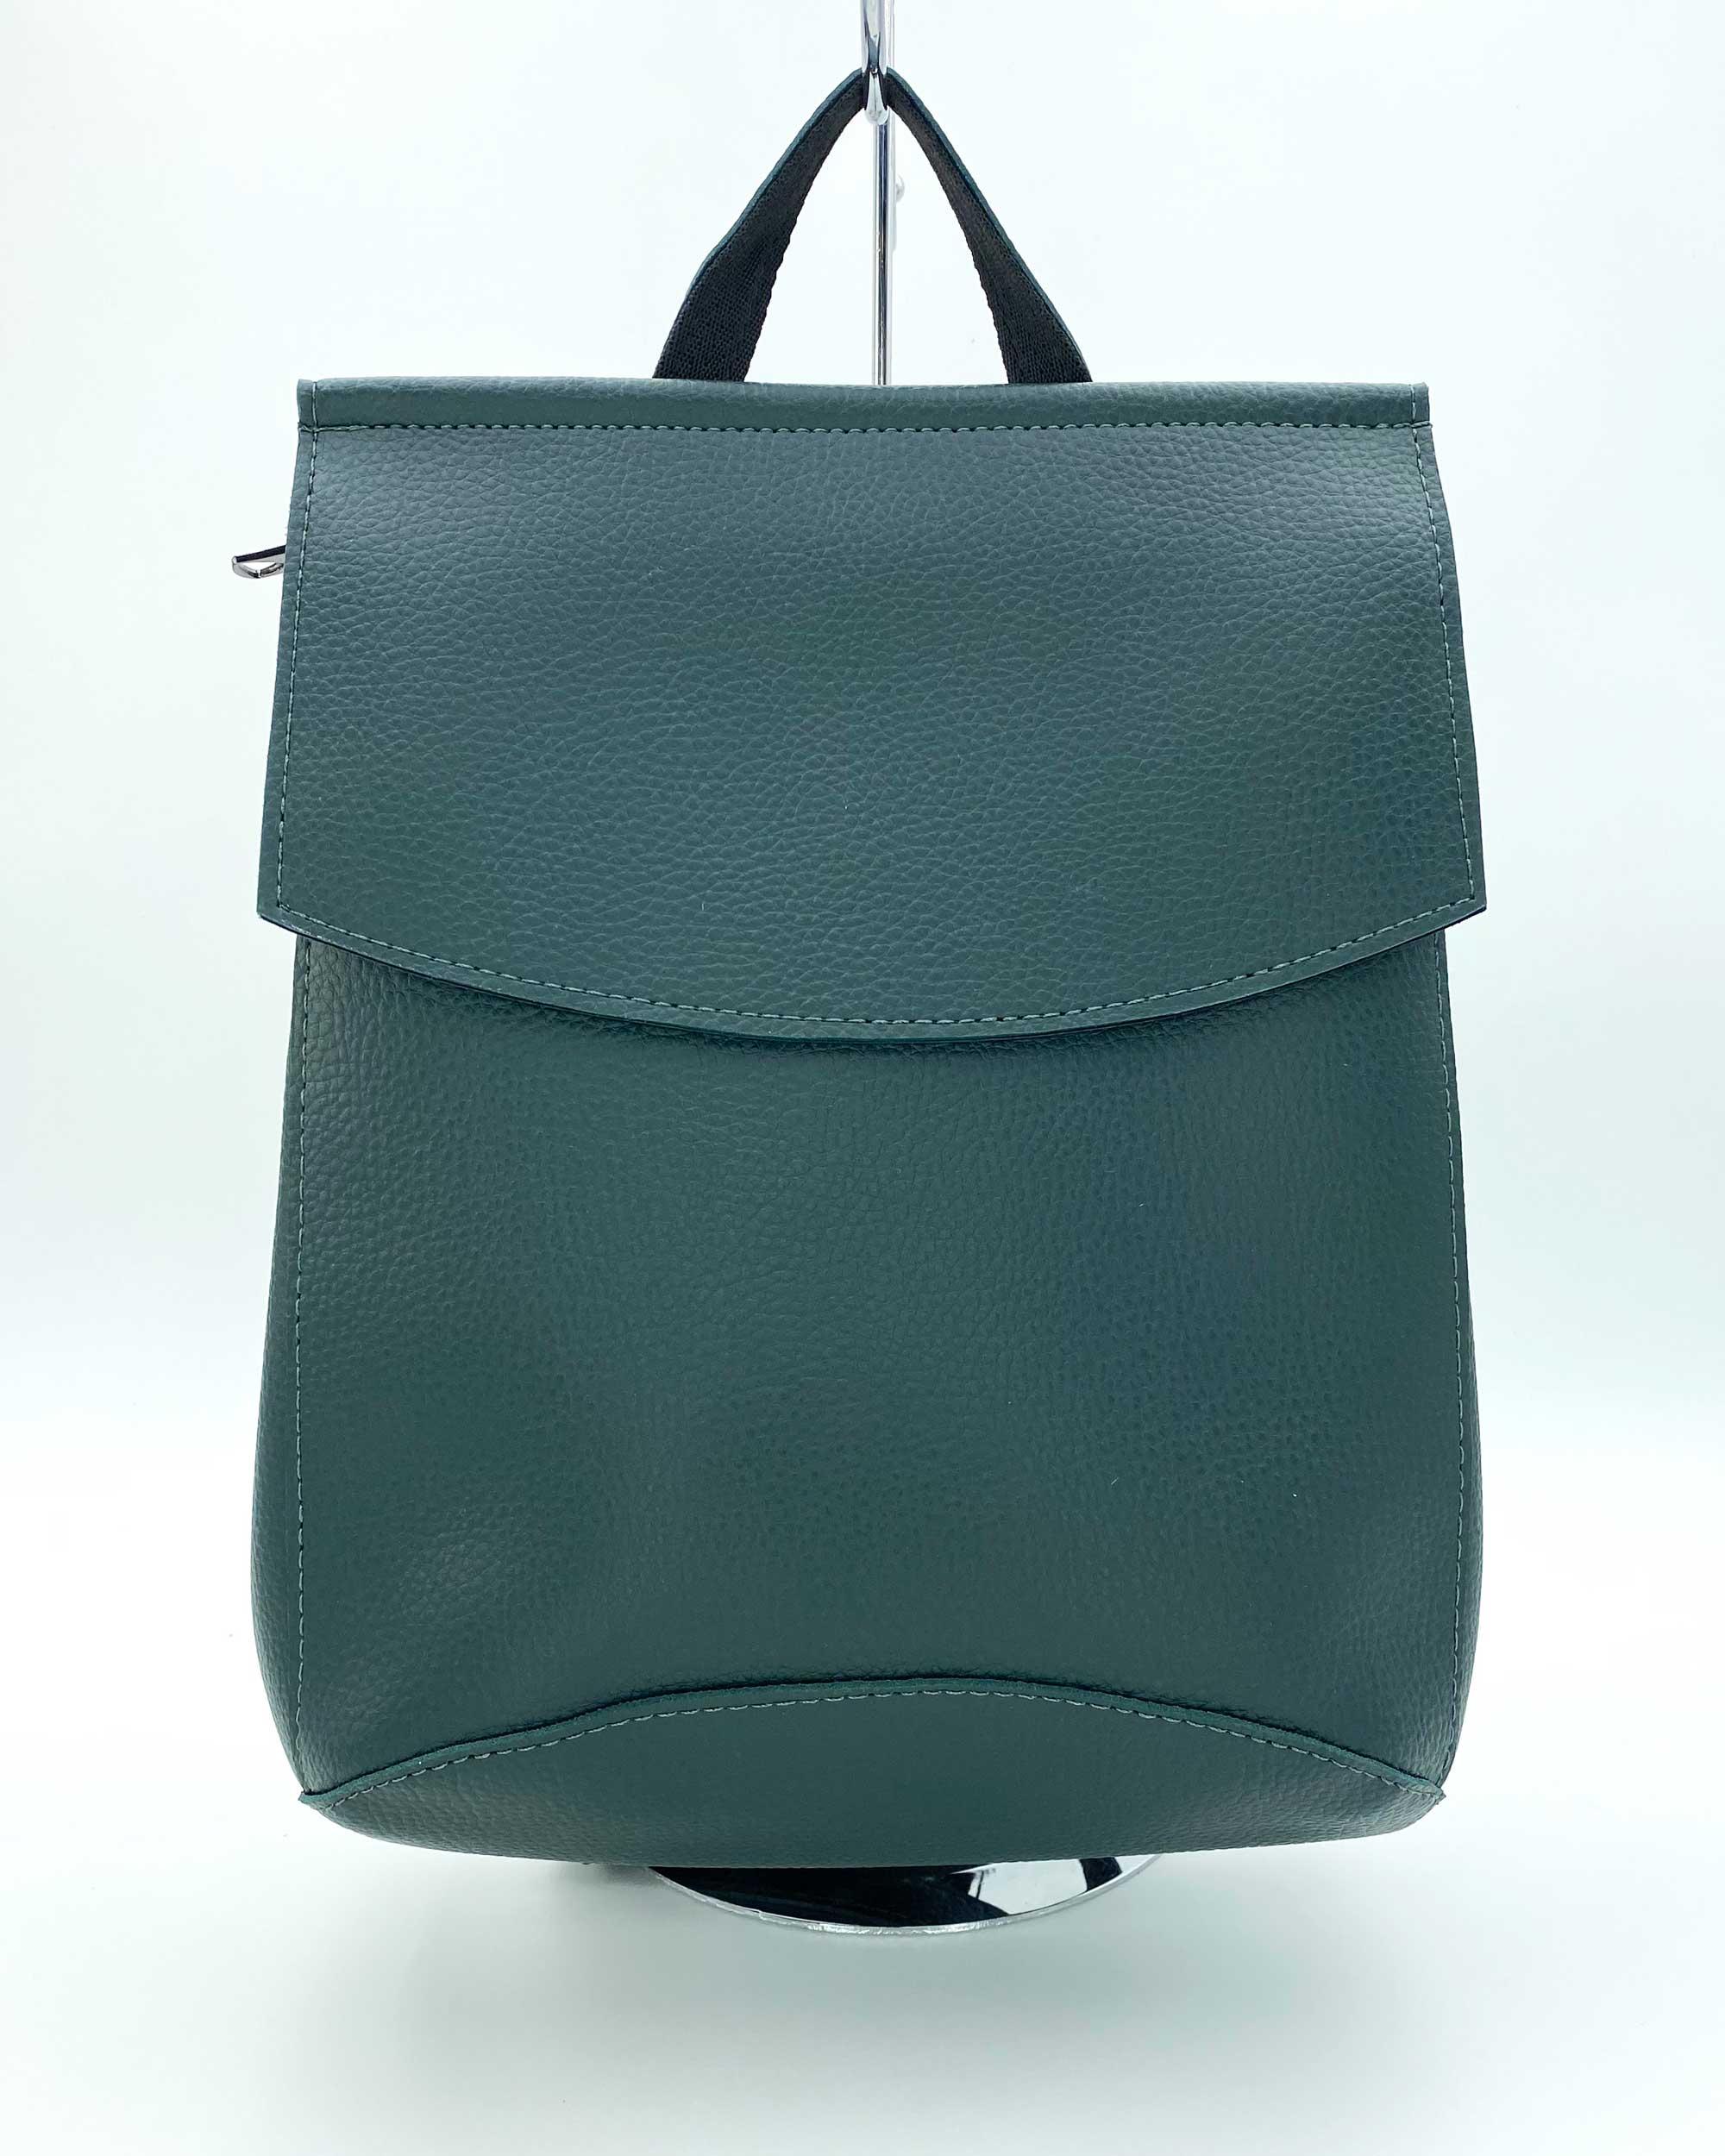 Молодежный женский рюкзак зеленого цвета